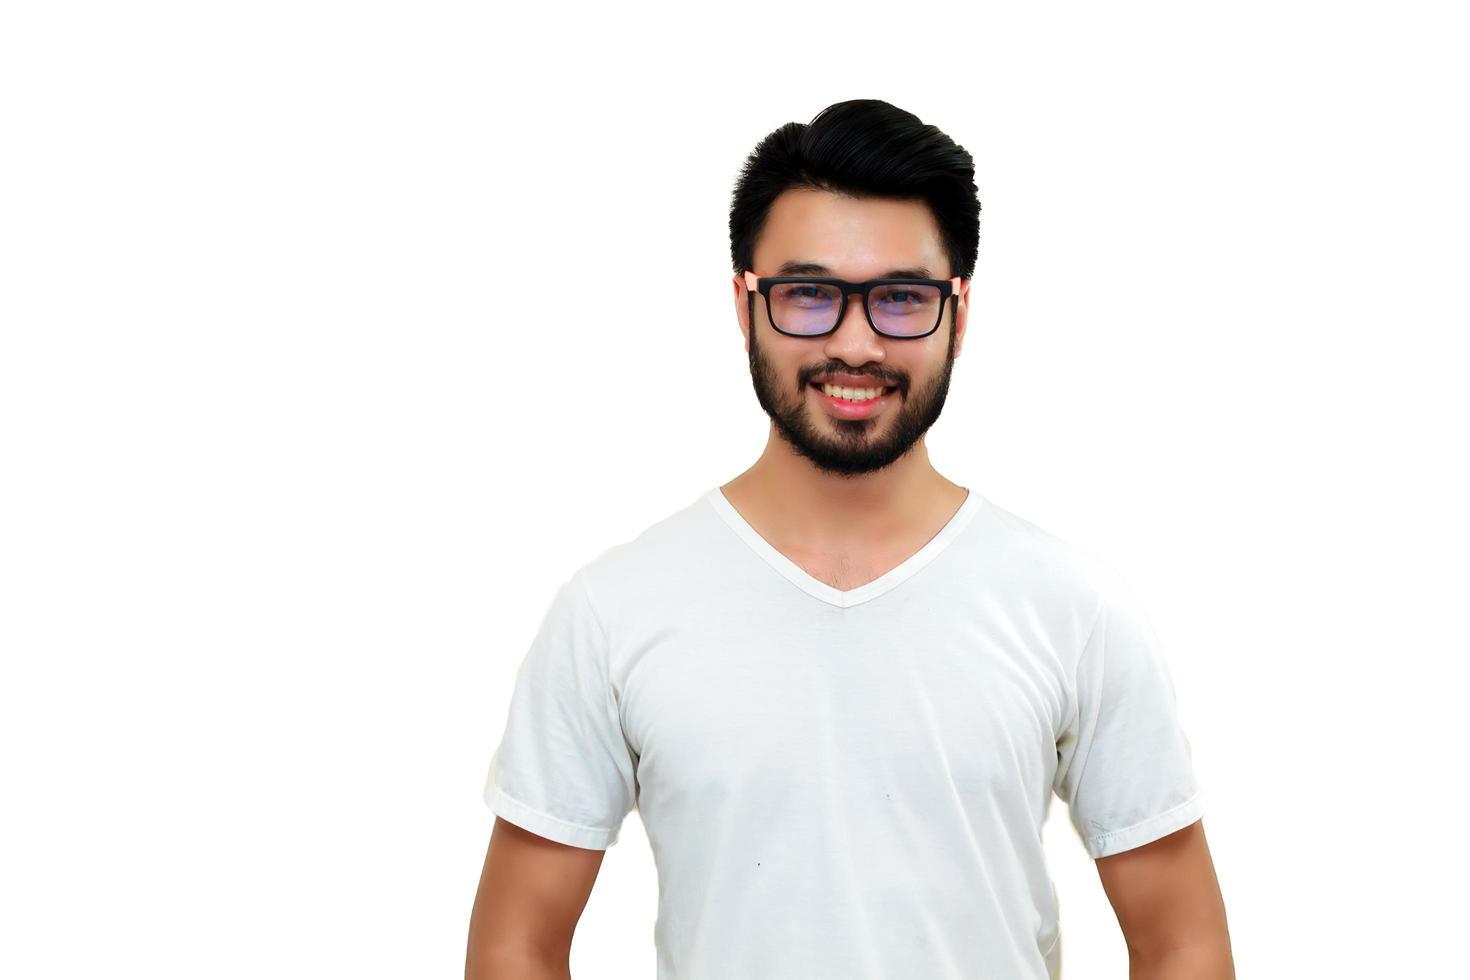 Hombre asiático sonriendo aislado sobre fondo blanco. foto